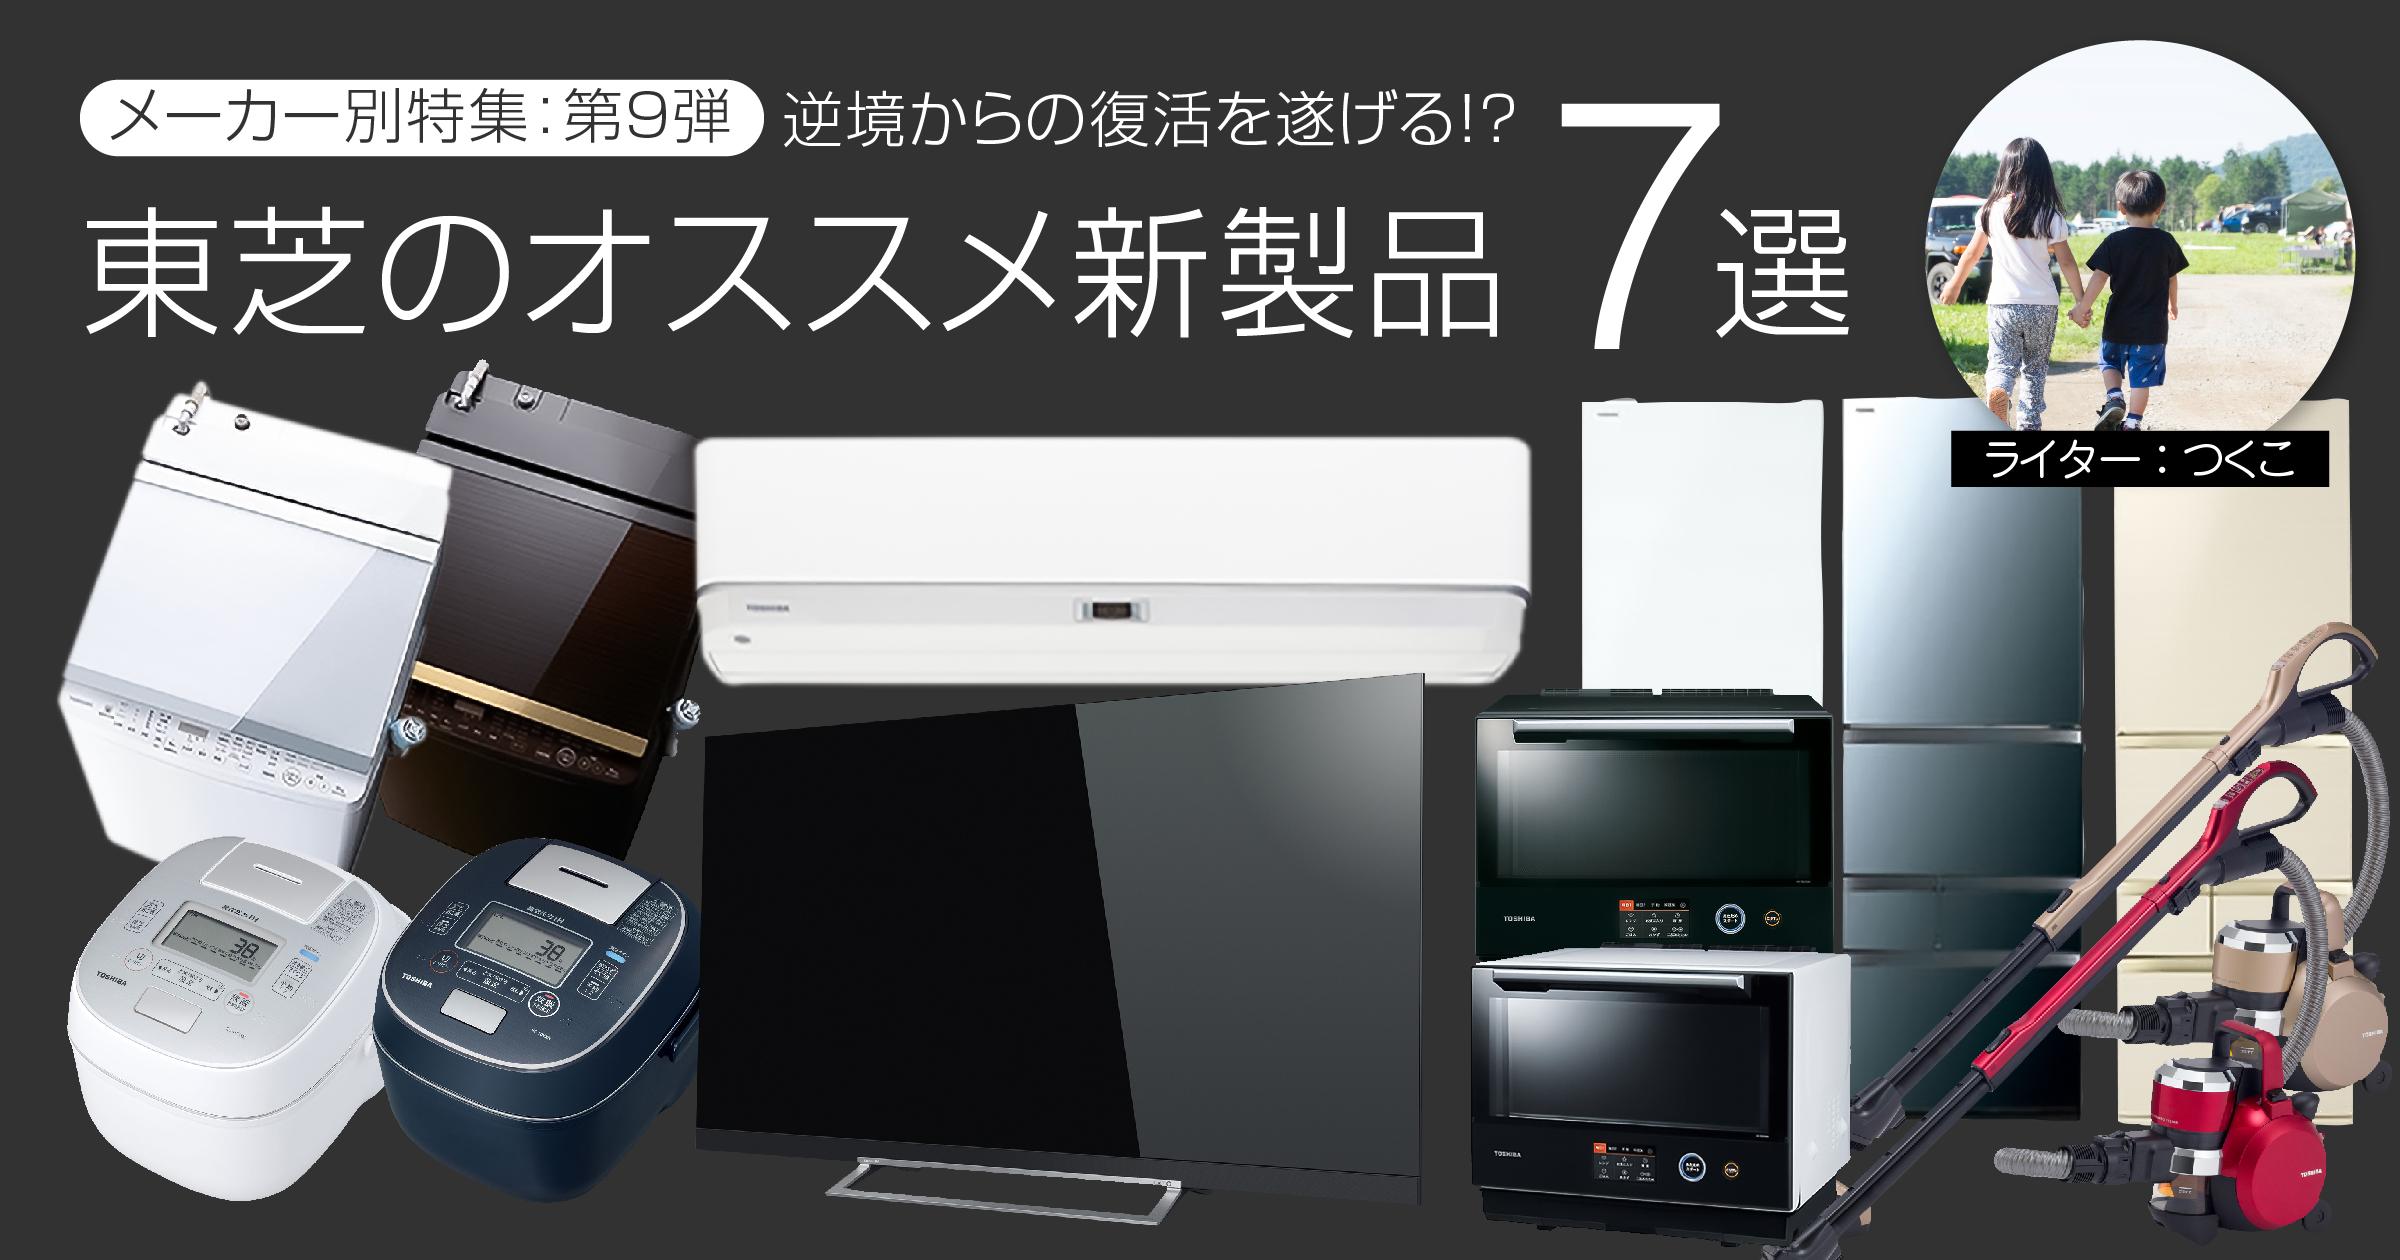 【メーカー別特集:第9弾】逆境からの復活を遂げる!?東芝のオススメ新製品7選